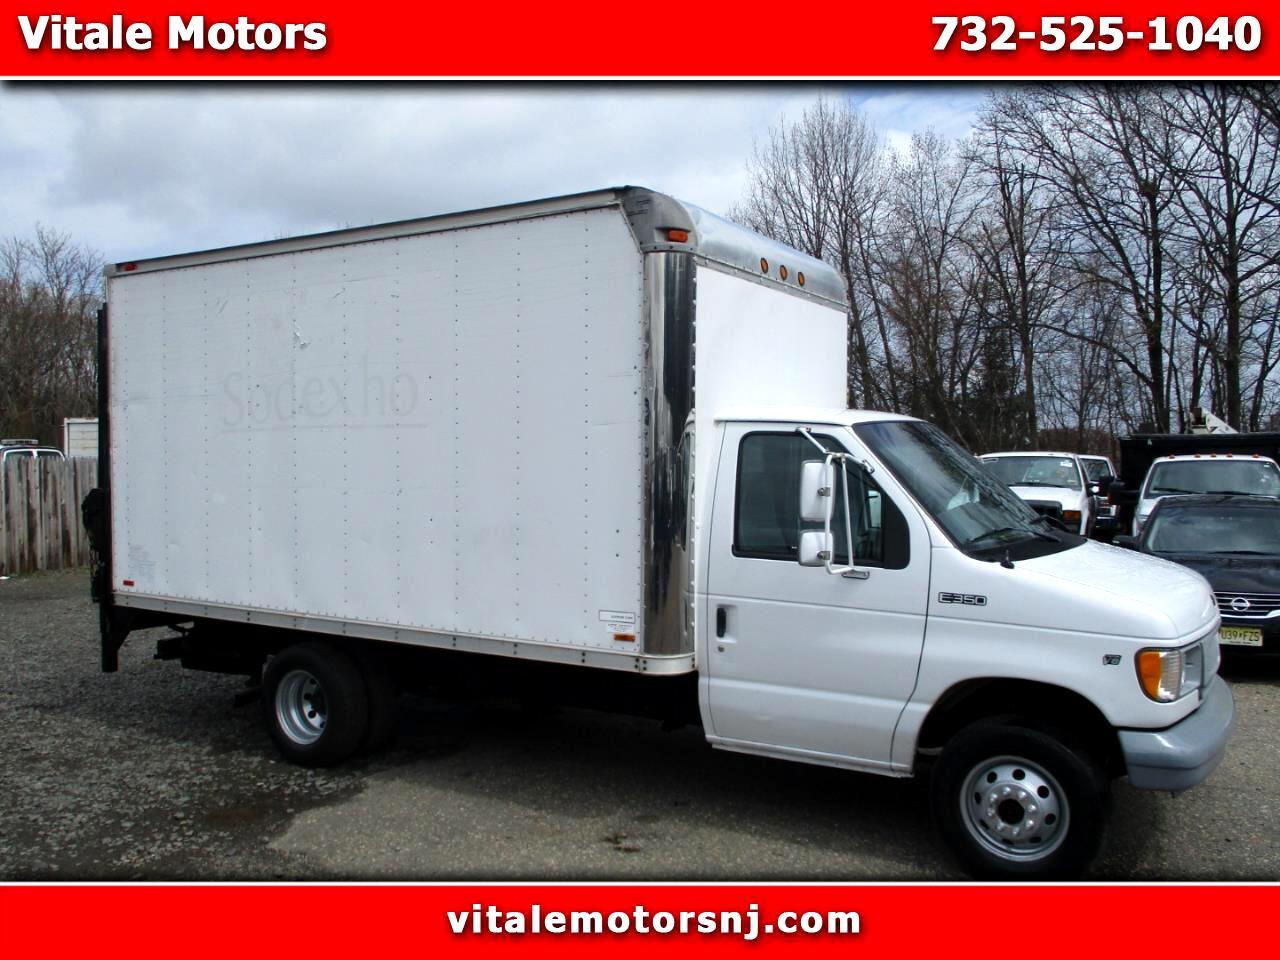 1998 Ford Econoline E-350 14' BOX TRUCK W/LIFT GATE **26K MILES**